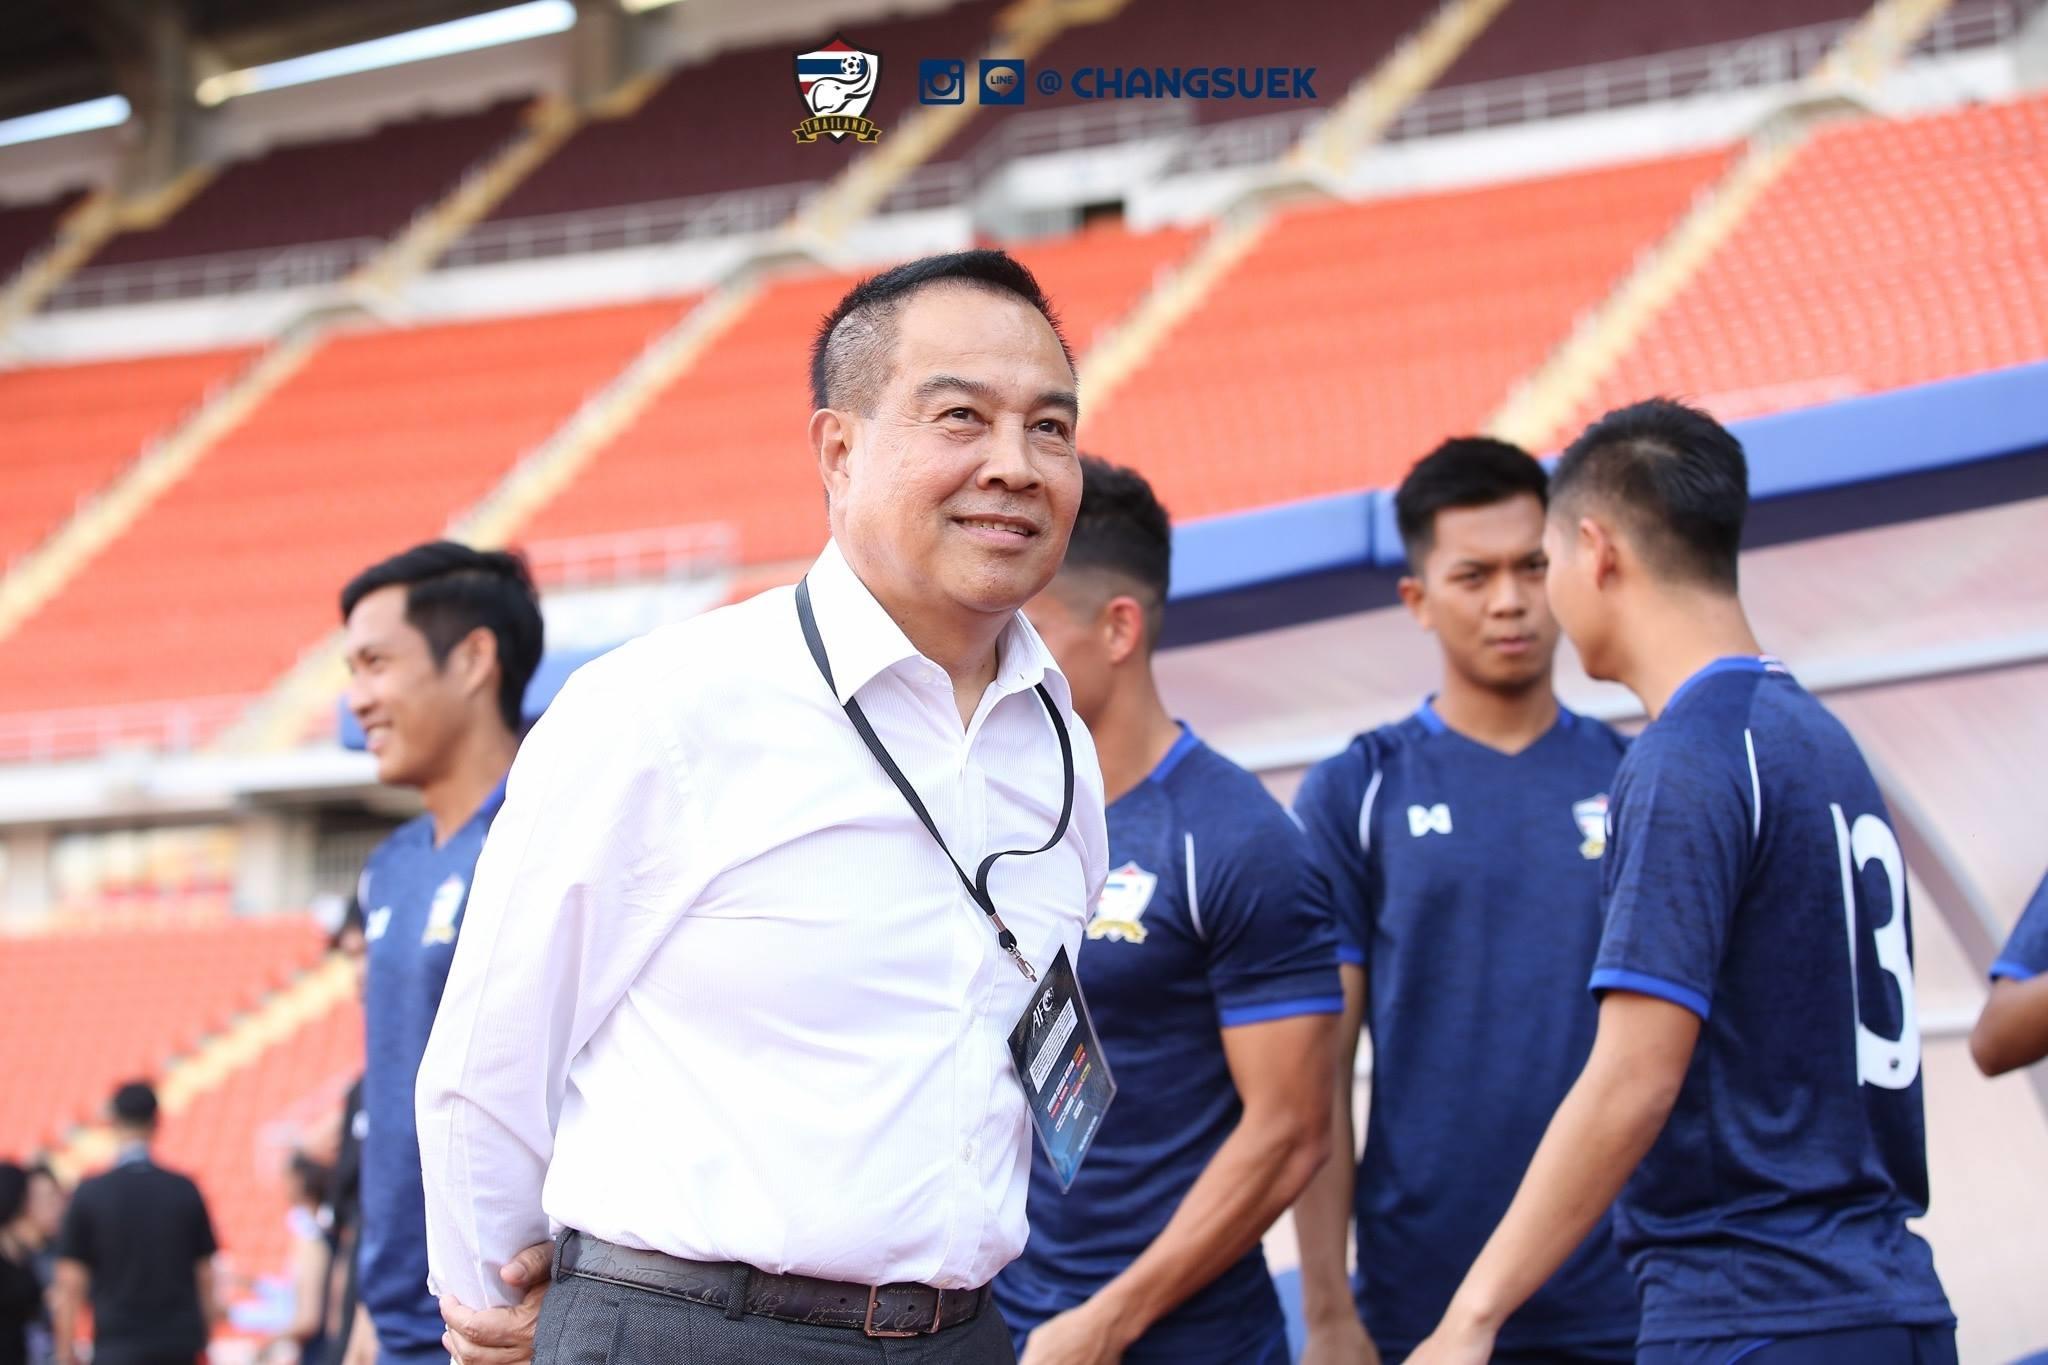 สมยศ พุ่มพันธุ์ม่วง สมาคมกีฬาฟุตบอลแห่งประเทศไทย